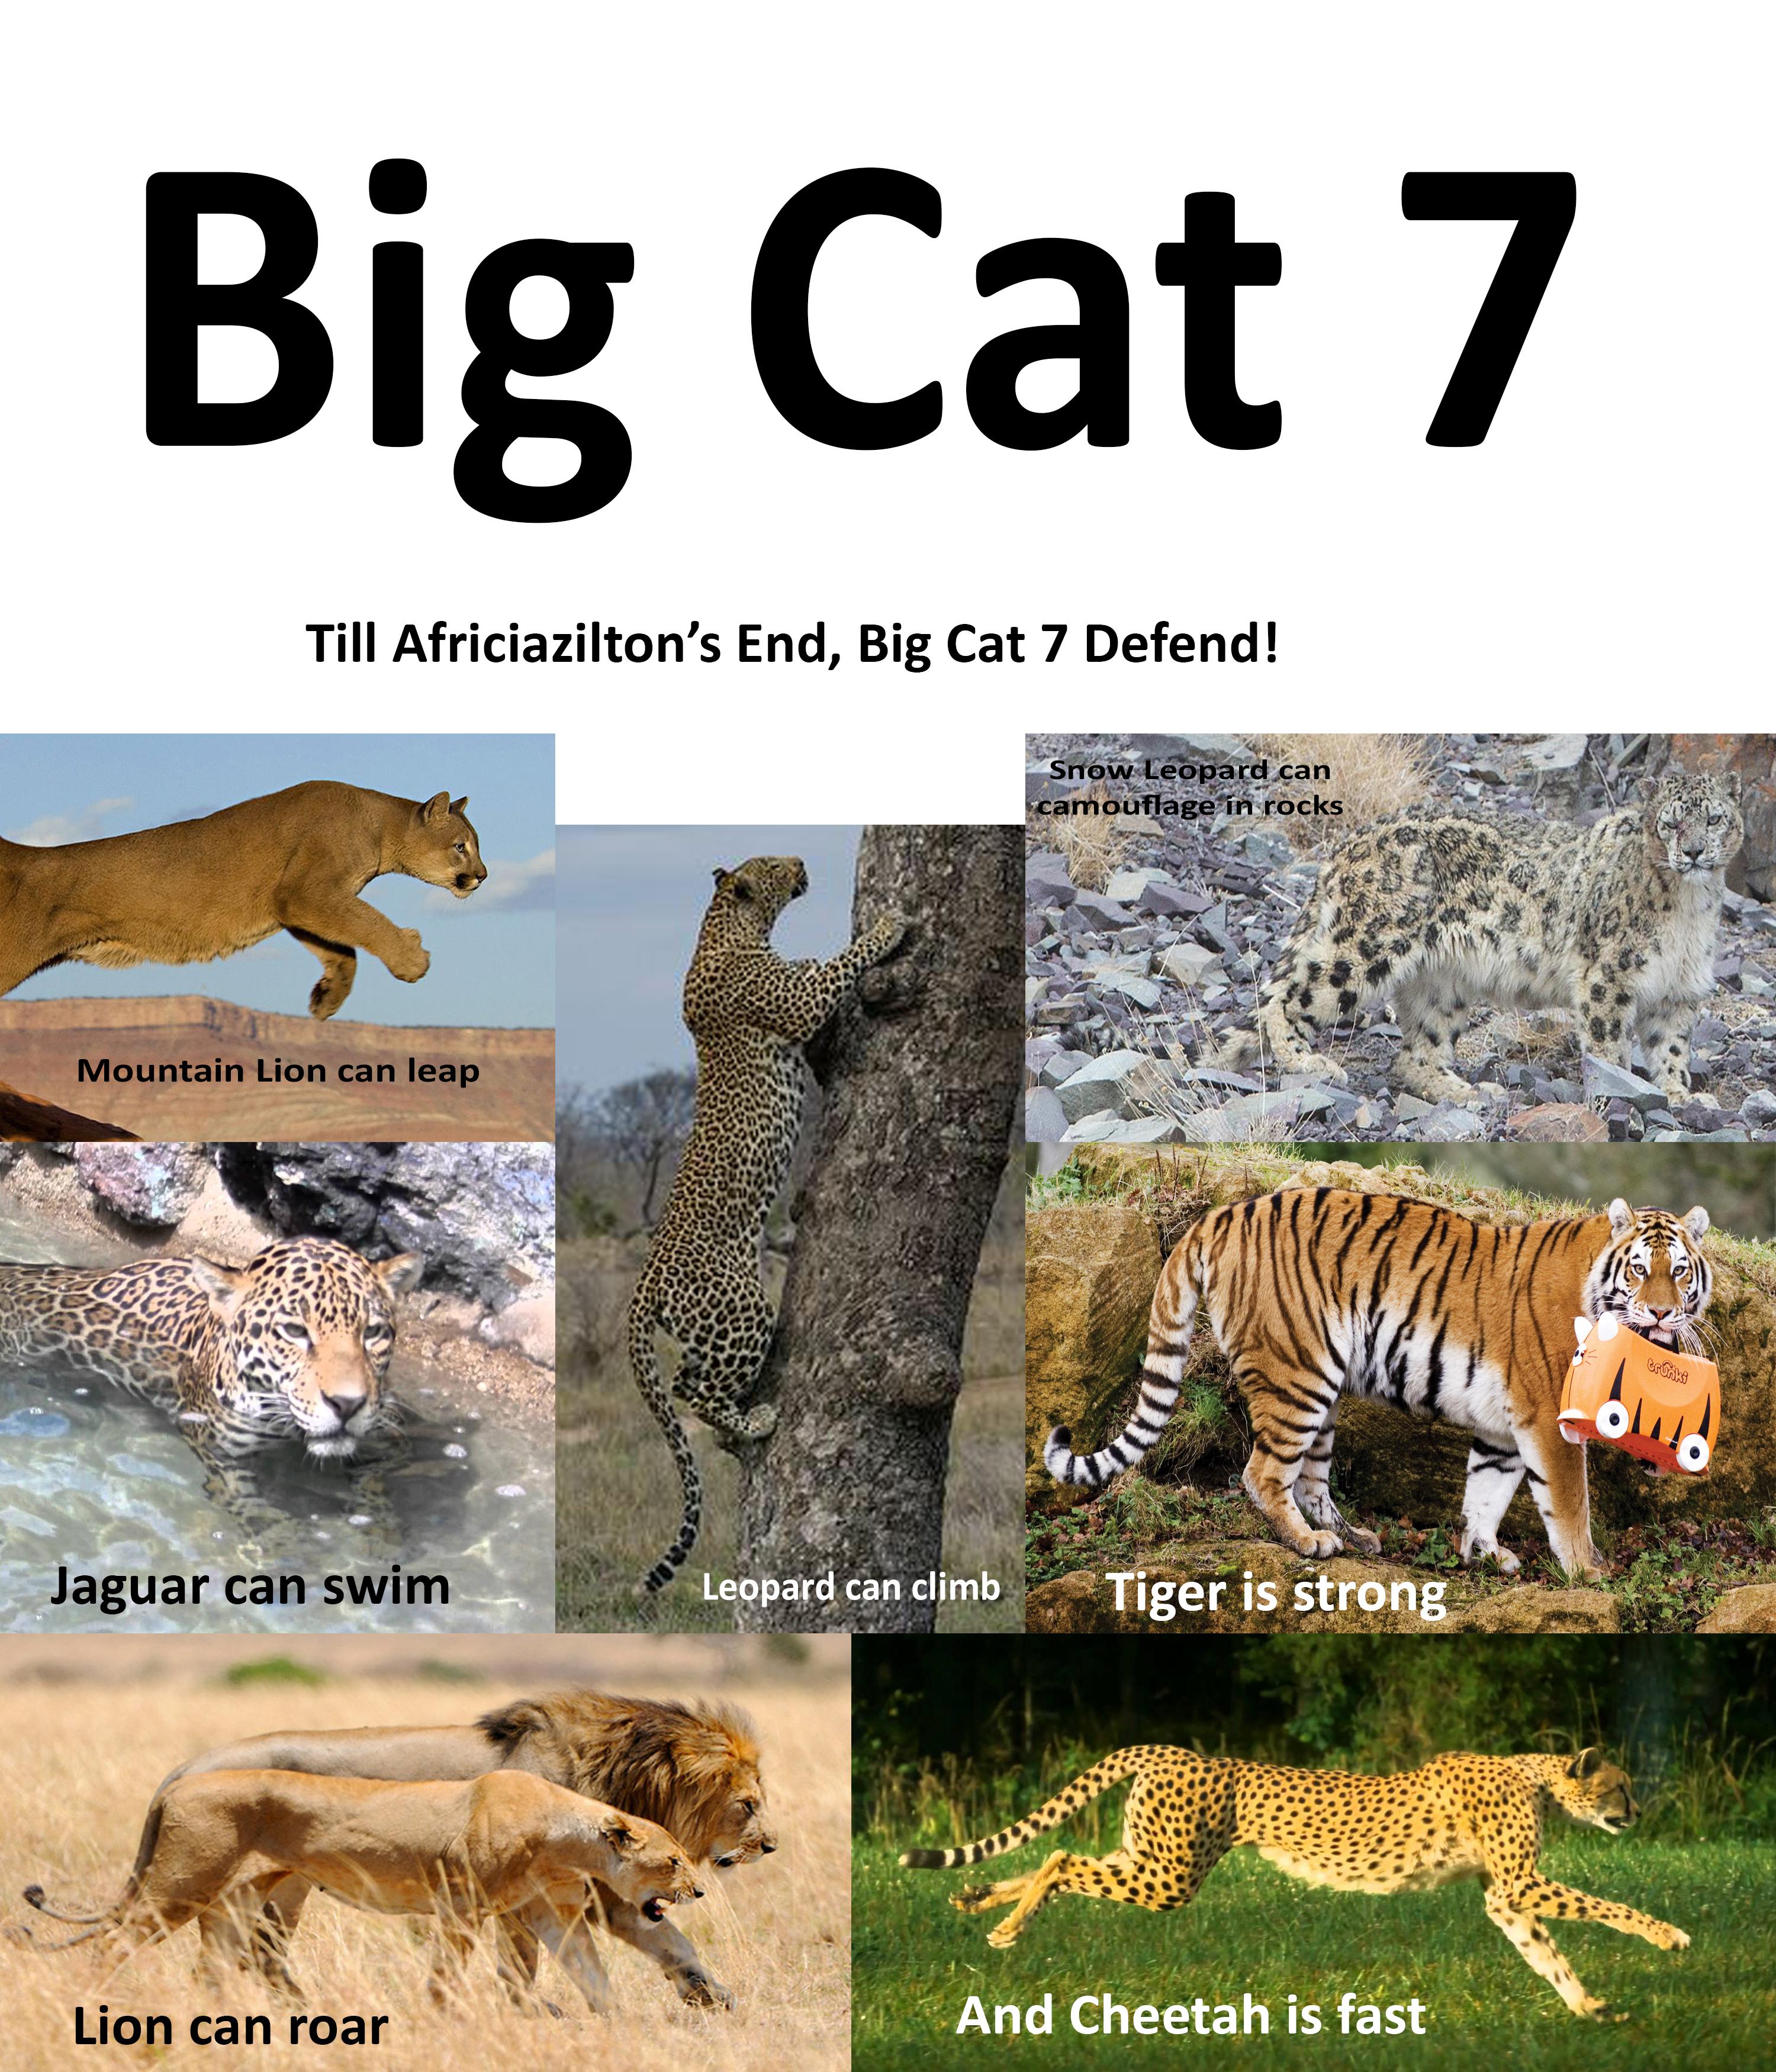 Big Cat 7